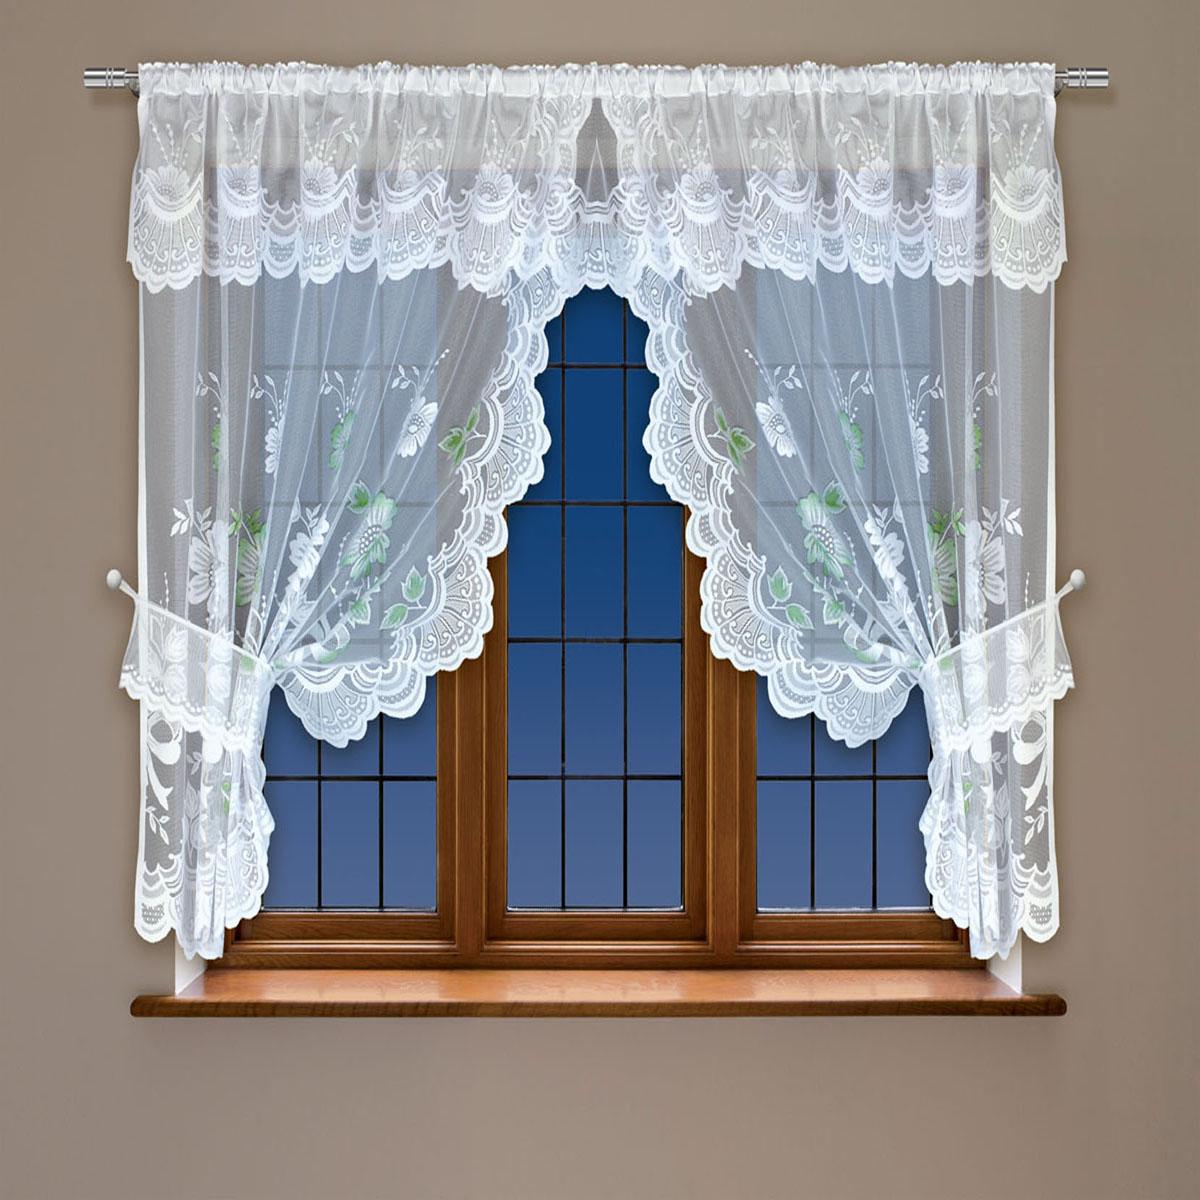 Гардина Haft, на кулиске, цвет: белый, высота 137 см. 20256180663Воздушная гардина Haft, выполненная из полиэстера, великолепно украсит любое окно.Изделие имеет оригинальный дизайн и органично впишется в интерьер помещения.Гардина крепится на карниз при помощи кулиски.